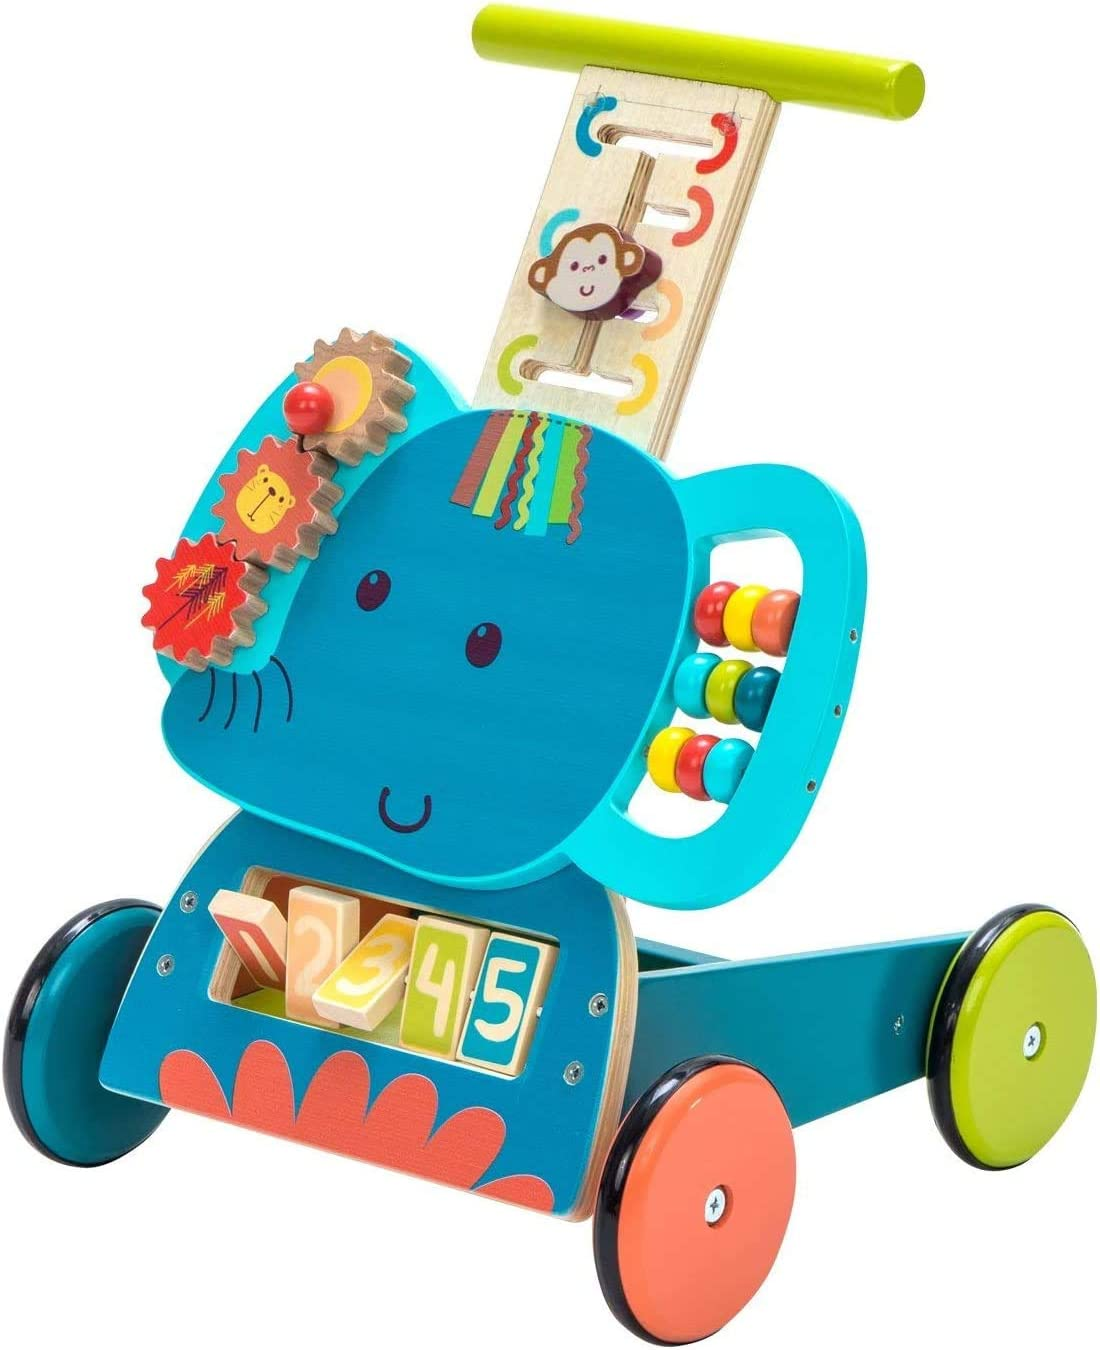 labebe Baby Lauflernwagen Holz Blau Elefant Lauflernhilfe 3 in 1 Push Pull Spielzeug Activity Babywalker Kinderwagen f/ür Kinder ab 1 Jahre